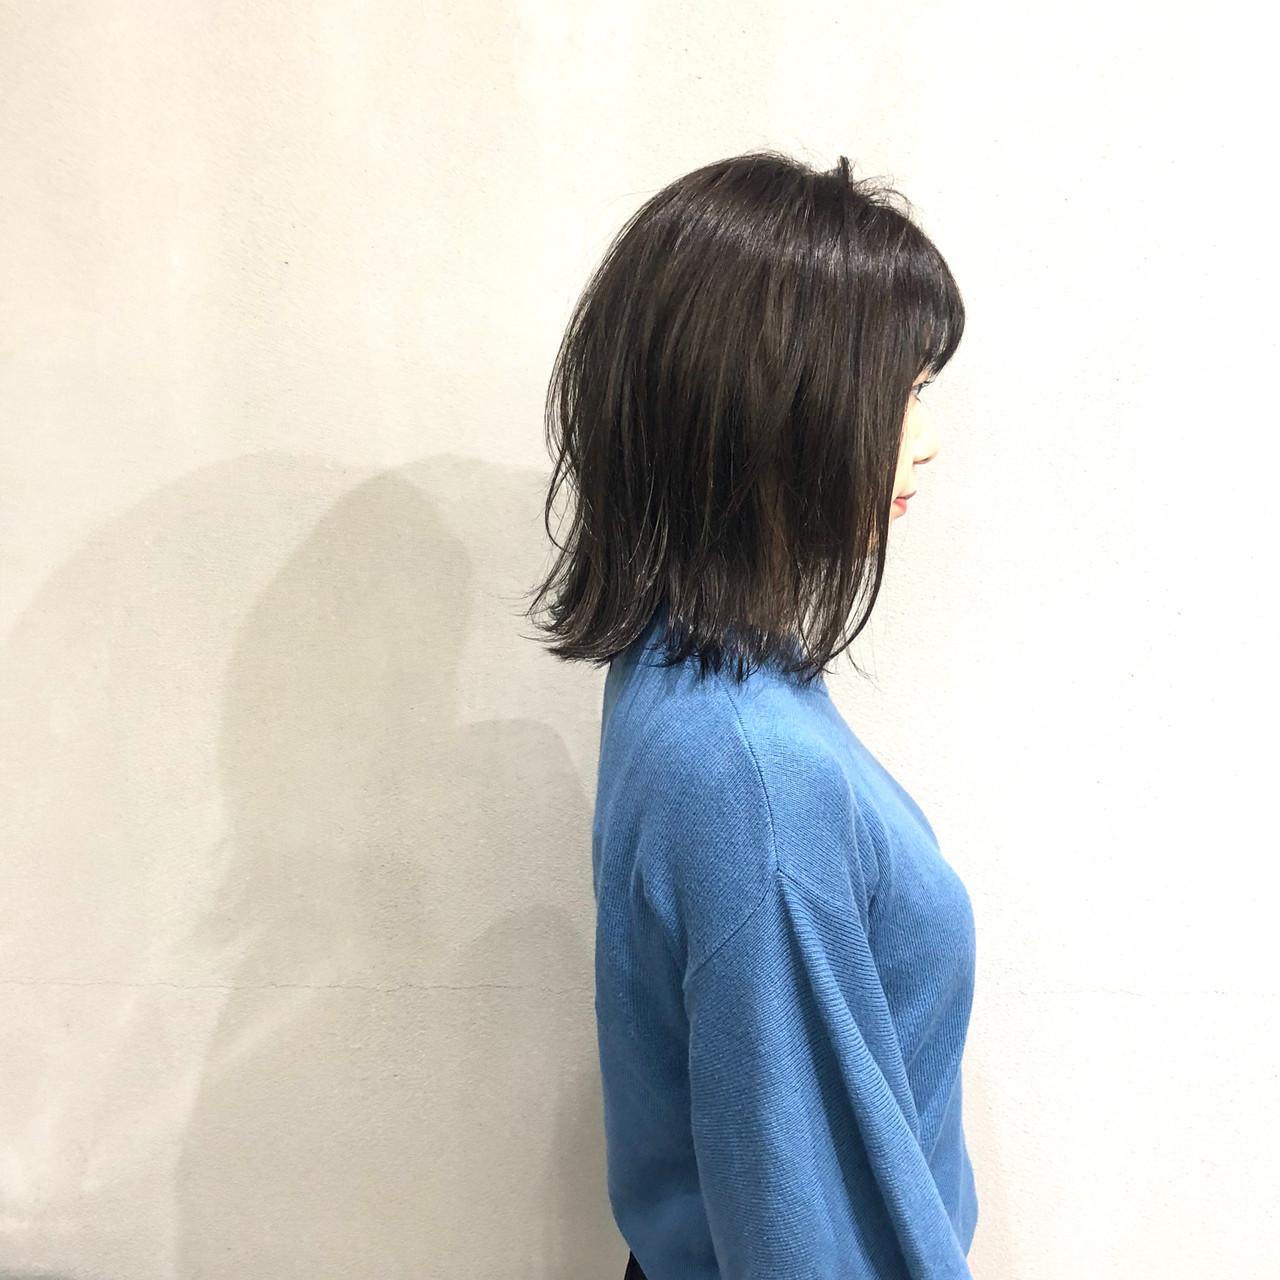 切りっぱなしボブ ボブ 簡単スタイリング イルミナカラー ヘアスタイルや髪型の写真・画像